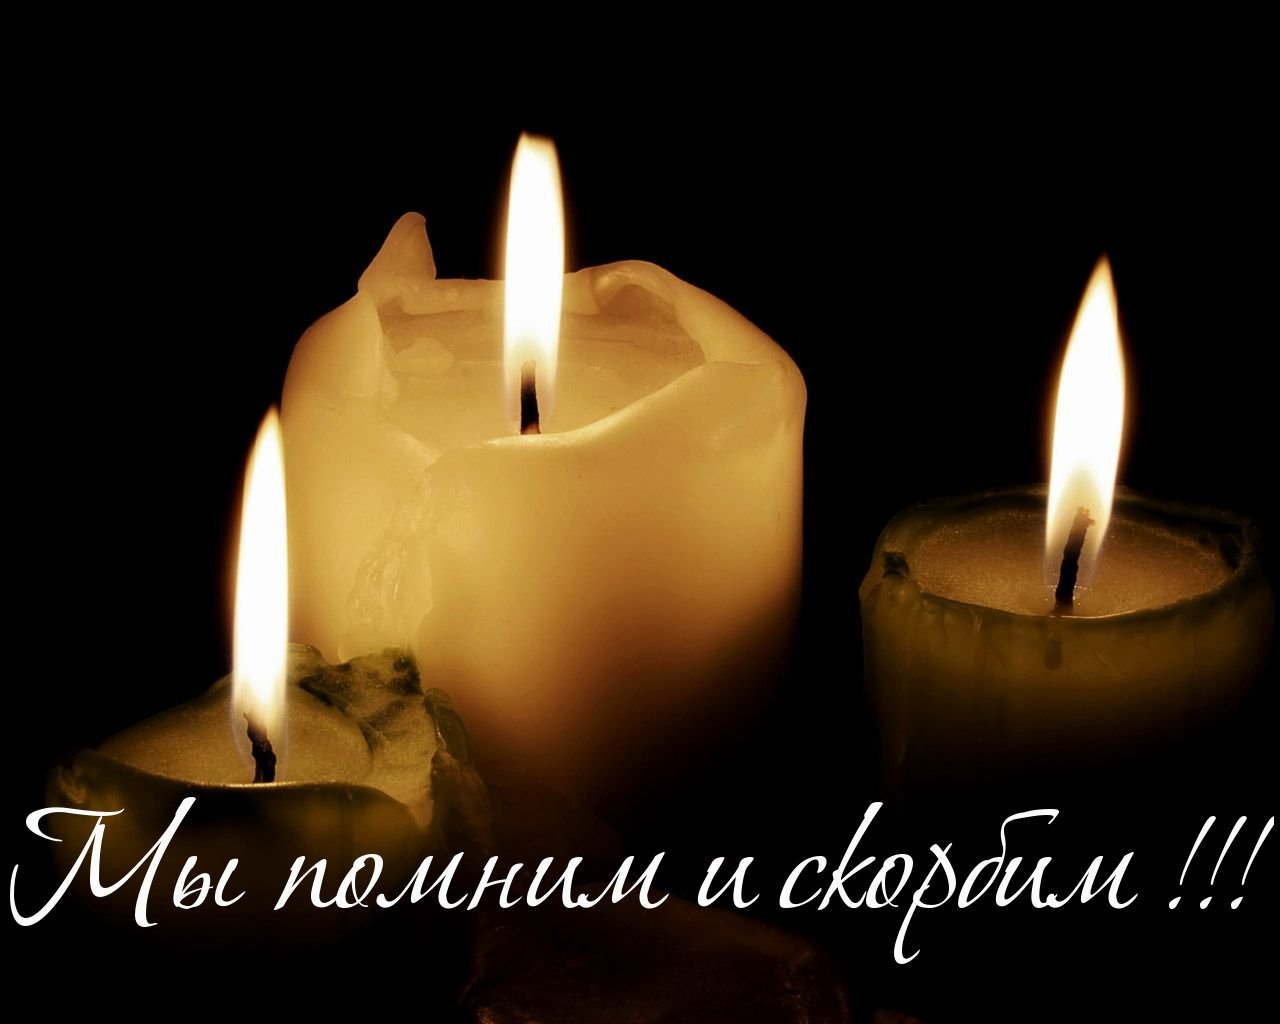 Открытки Свеча соболезнования. открытки с красными розами и свечами Соболезную. Открытка соболезнуем родным и близким, скорбим. Открытка с красной розой Соболезную. Открытка Соболезную! Признании, уважении, почёт, и Вечная память! Открытка с красной розой и свечой Светлая память.